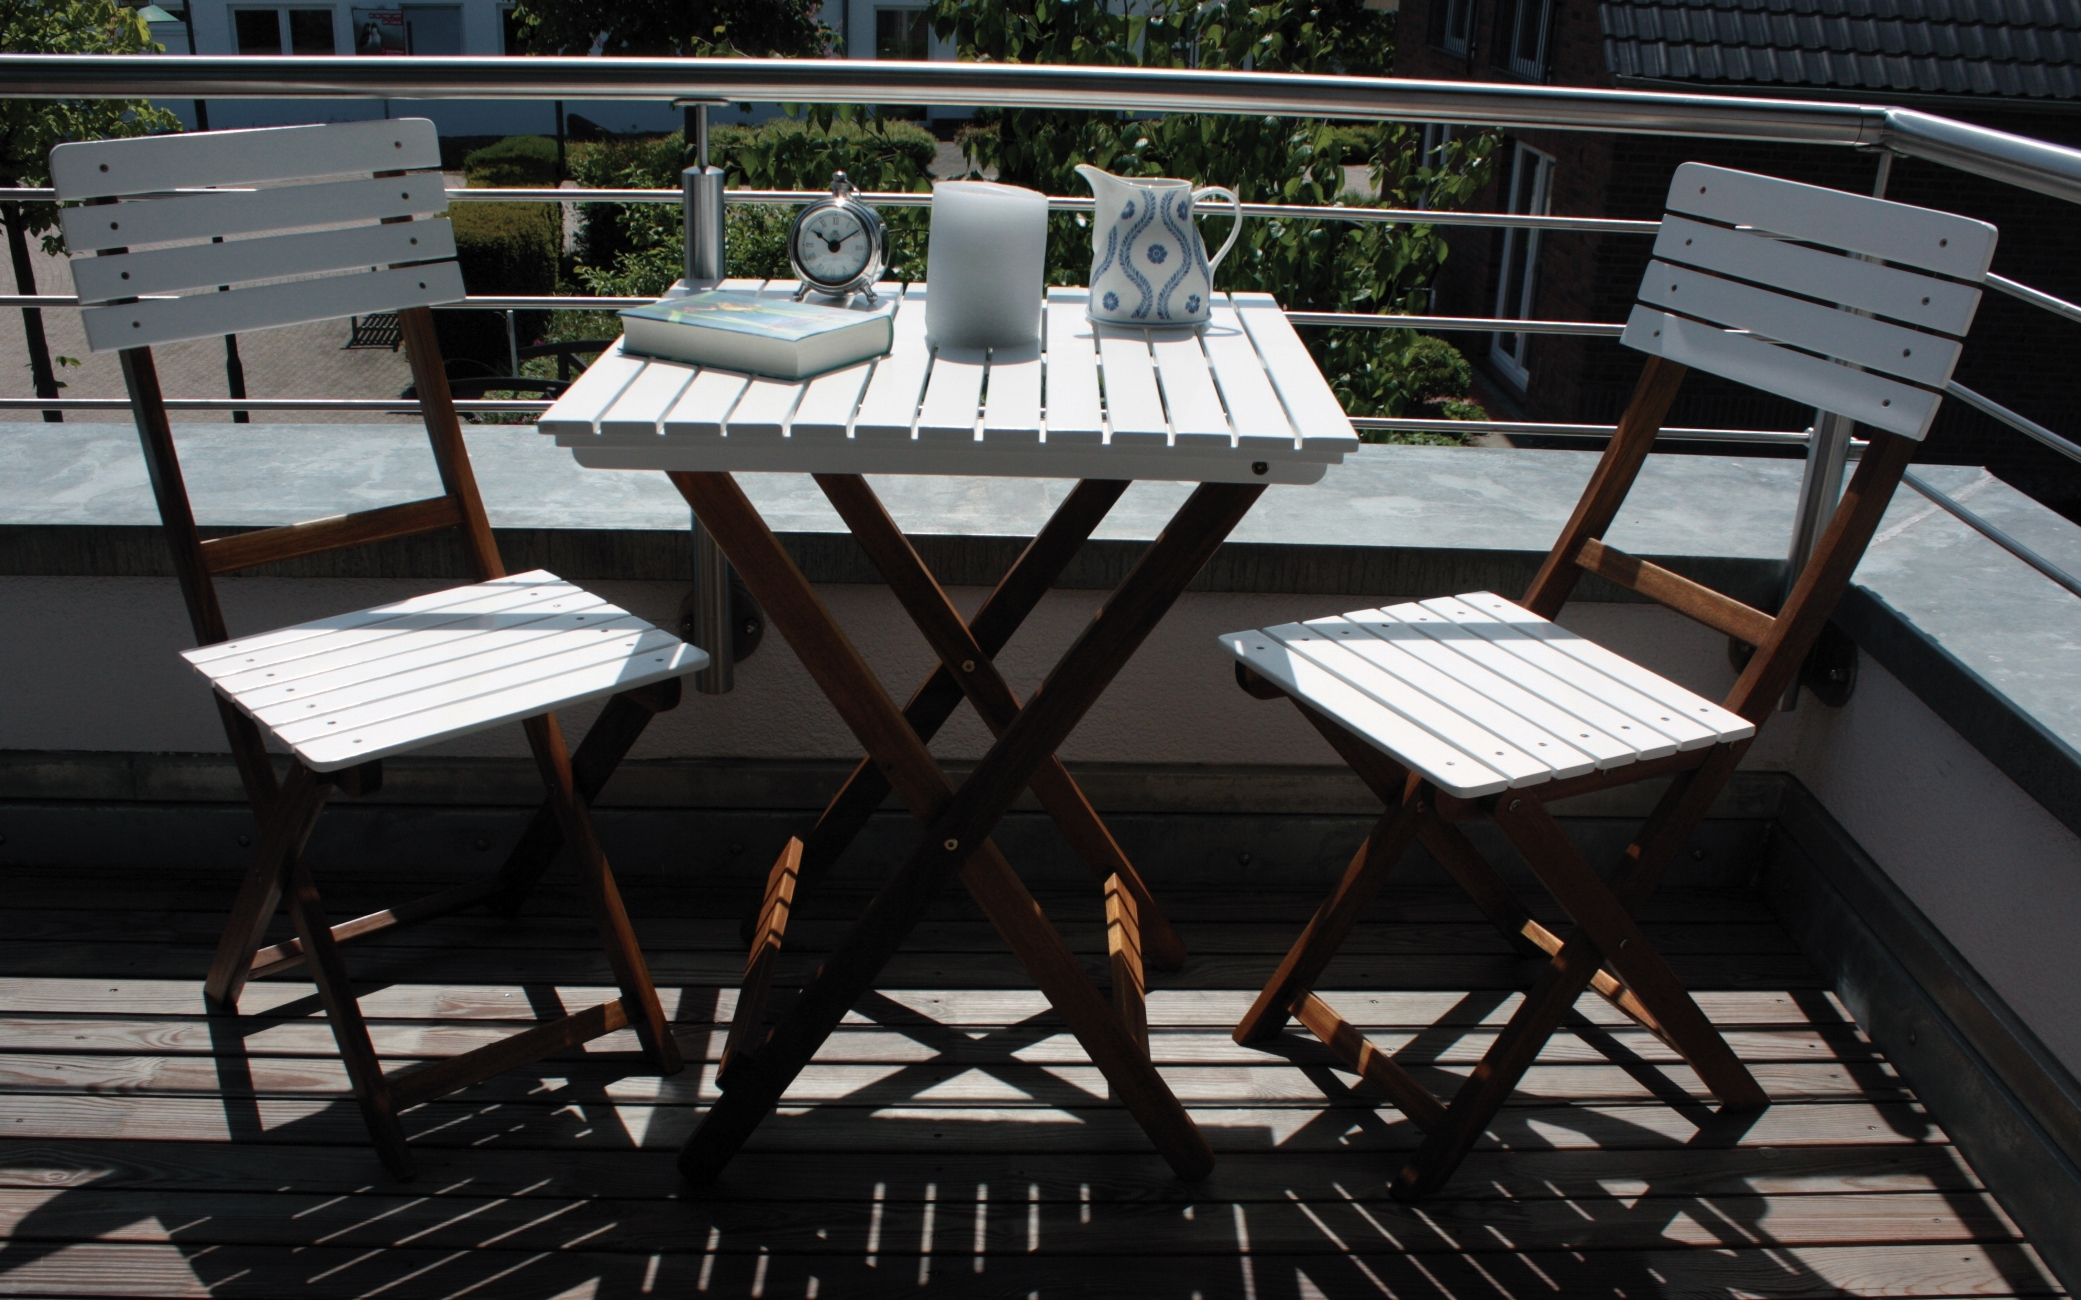 balkonset wien akazie holz 2 st hle 1 tisch gartenm bel garten stuhl und tisch ebay. Black Bedroom Furniture Sets. Home Design Ideas